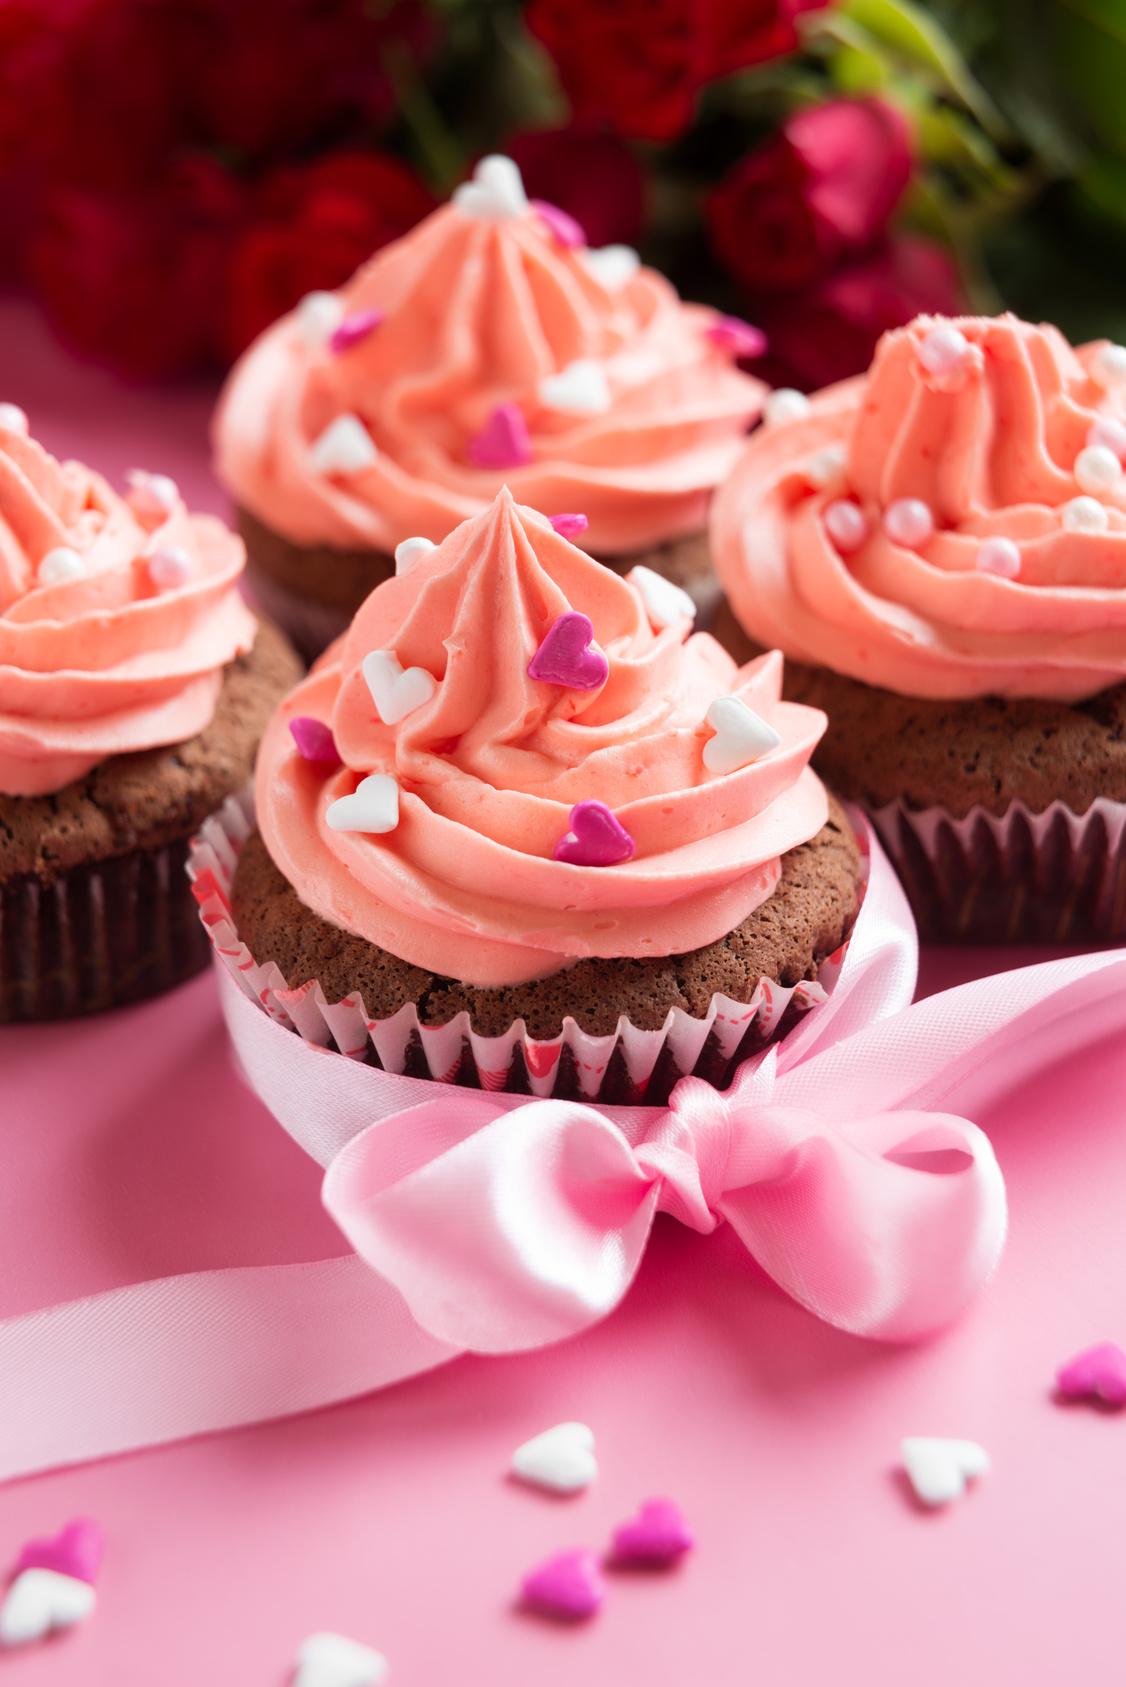 Faites fondre votre maman avec un cupcake à la framboise